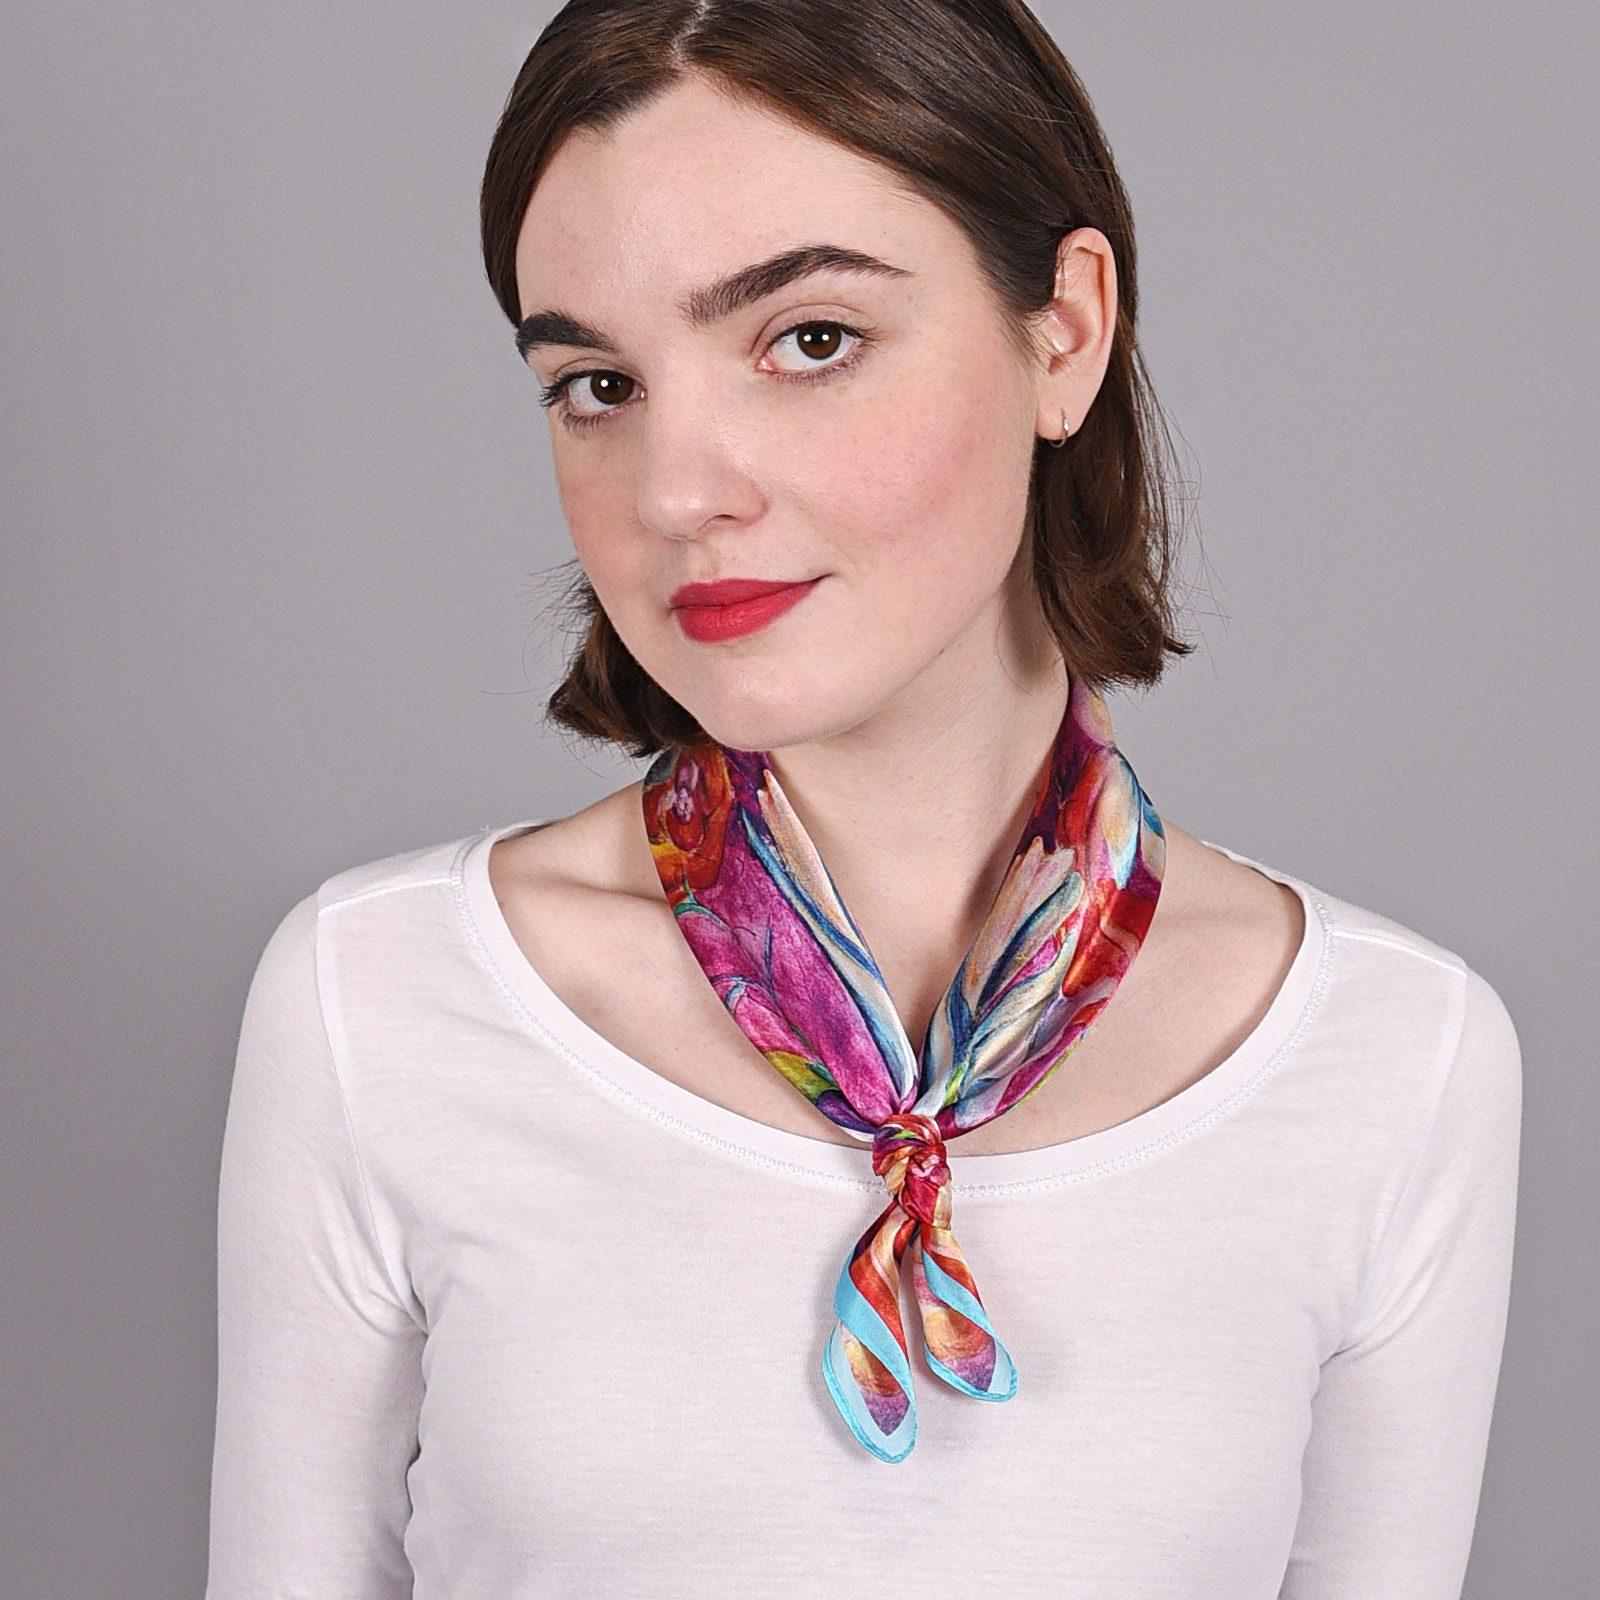 http://lookbook.allee-du-foulard.fr/wp-content/uploads/2018/09/AT-03859-magenta-V16-petit-carre-soie-fleurs-multicolores-artiflor-1600x1600.jpg